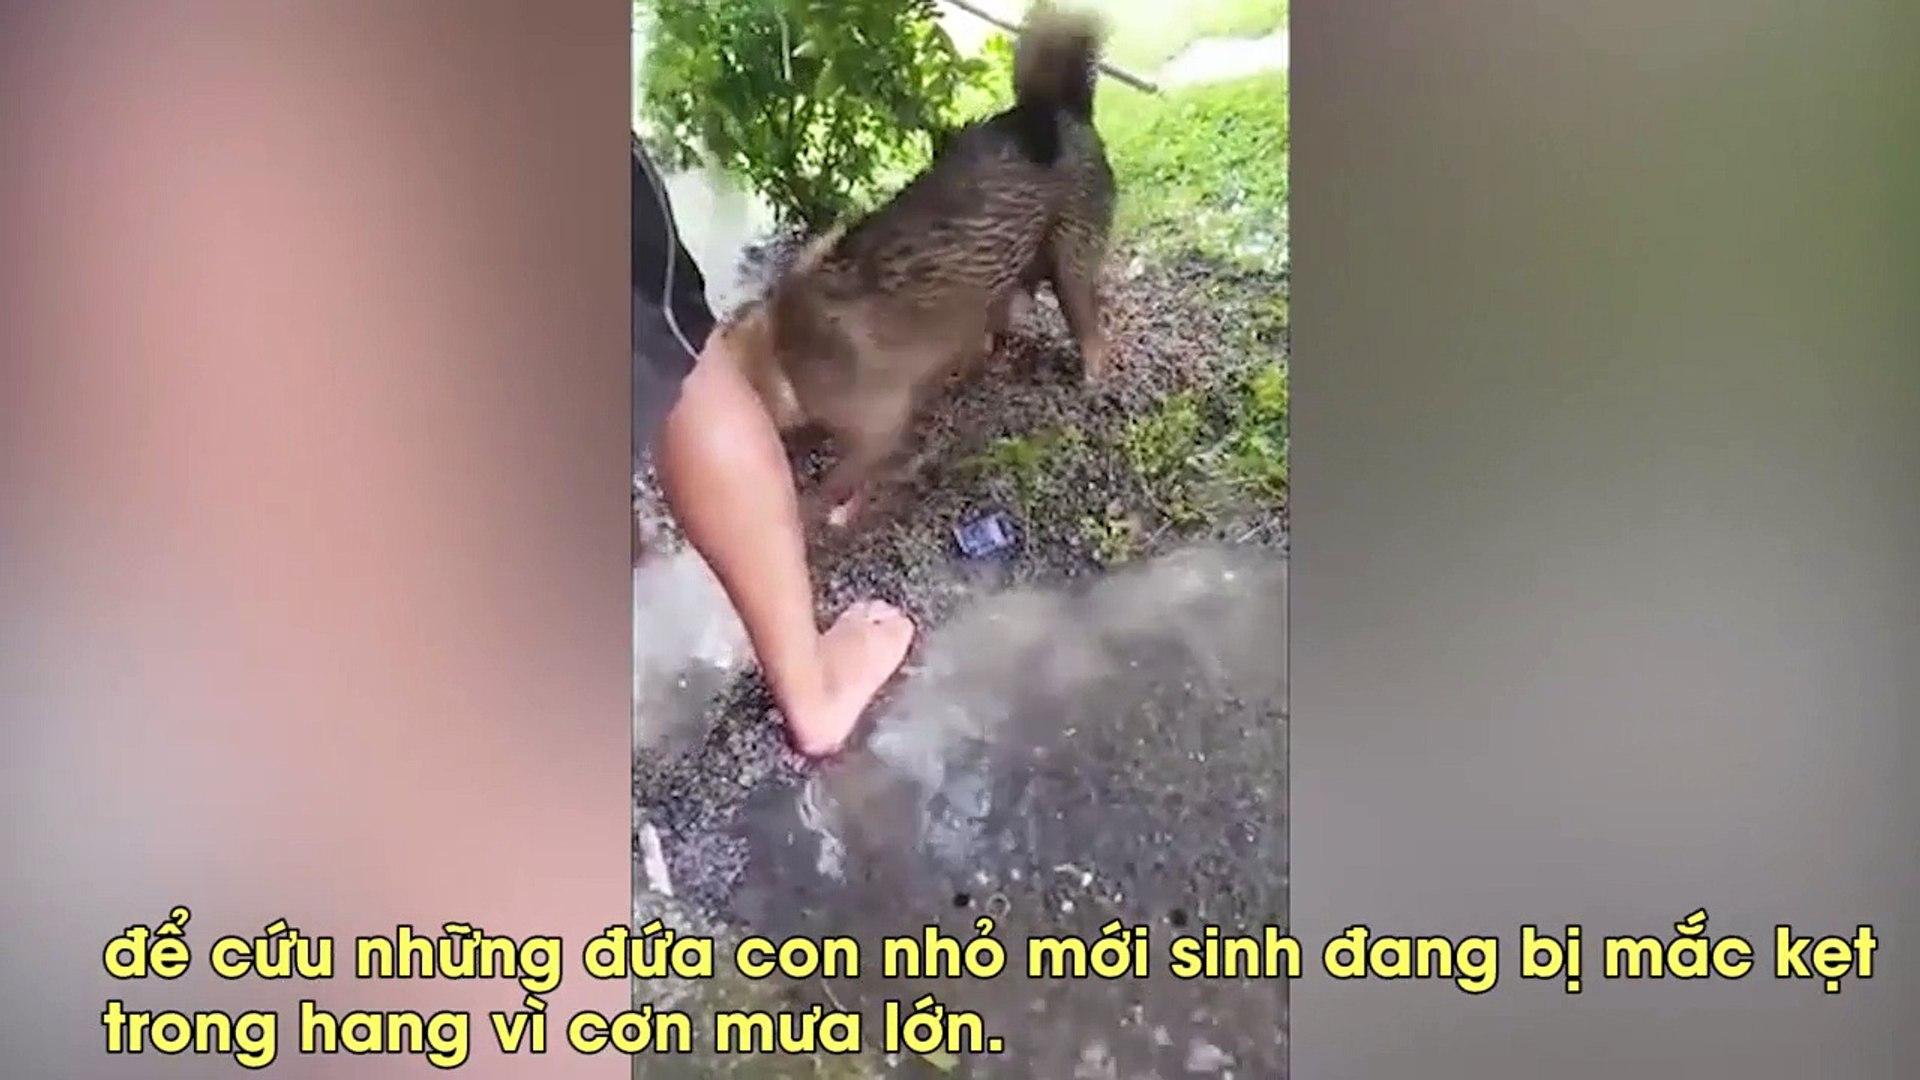 Mưa lớn ngập hang, chó mẹ phi thường giải cứu 3 cún con đang thoi thóp